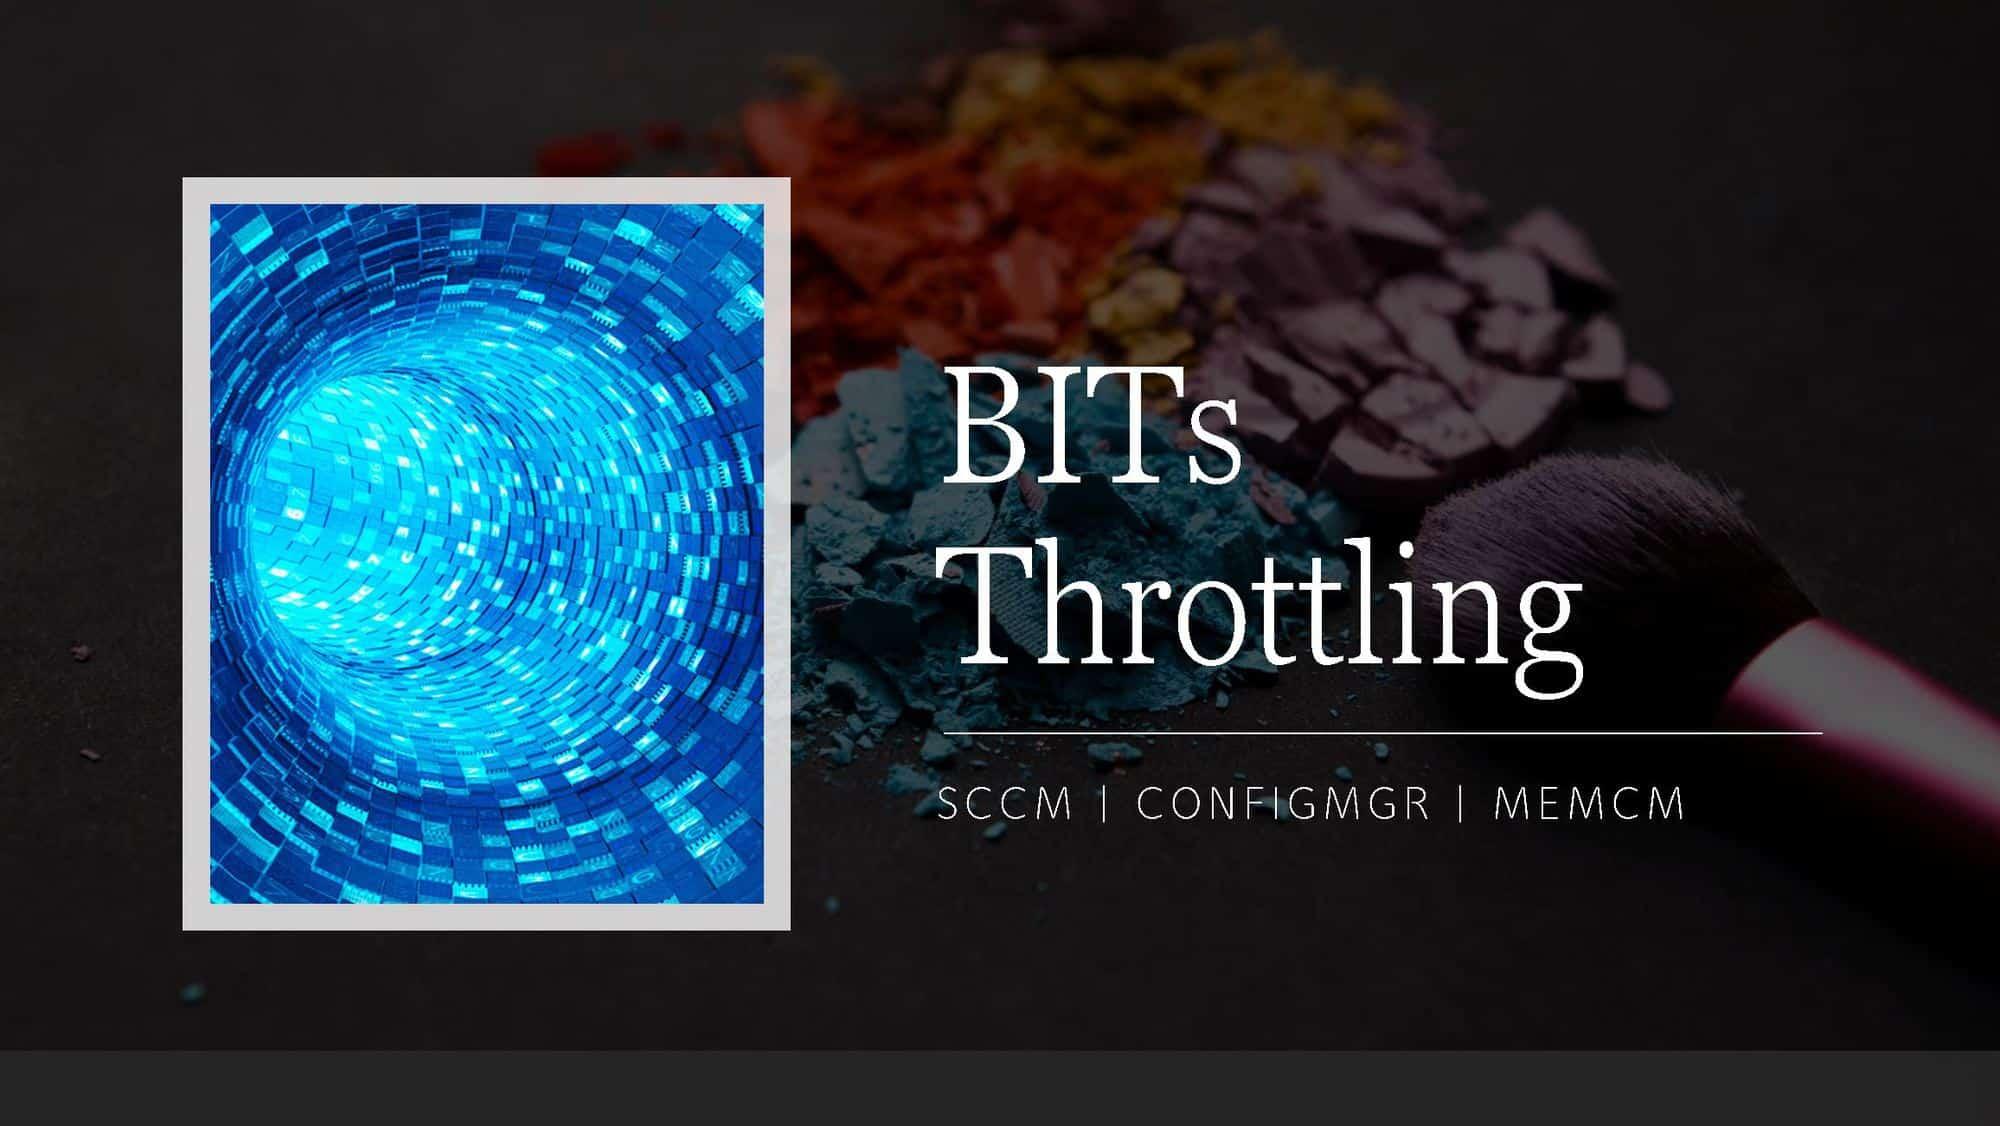 BITs Throttling for SCCM DP